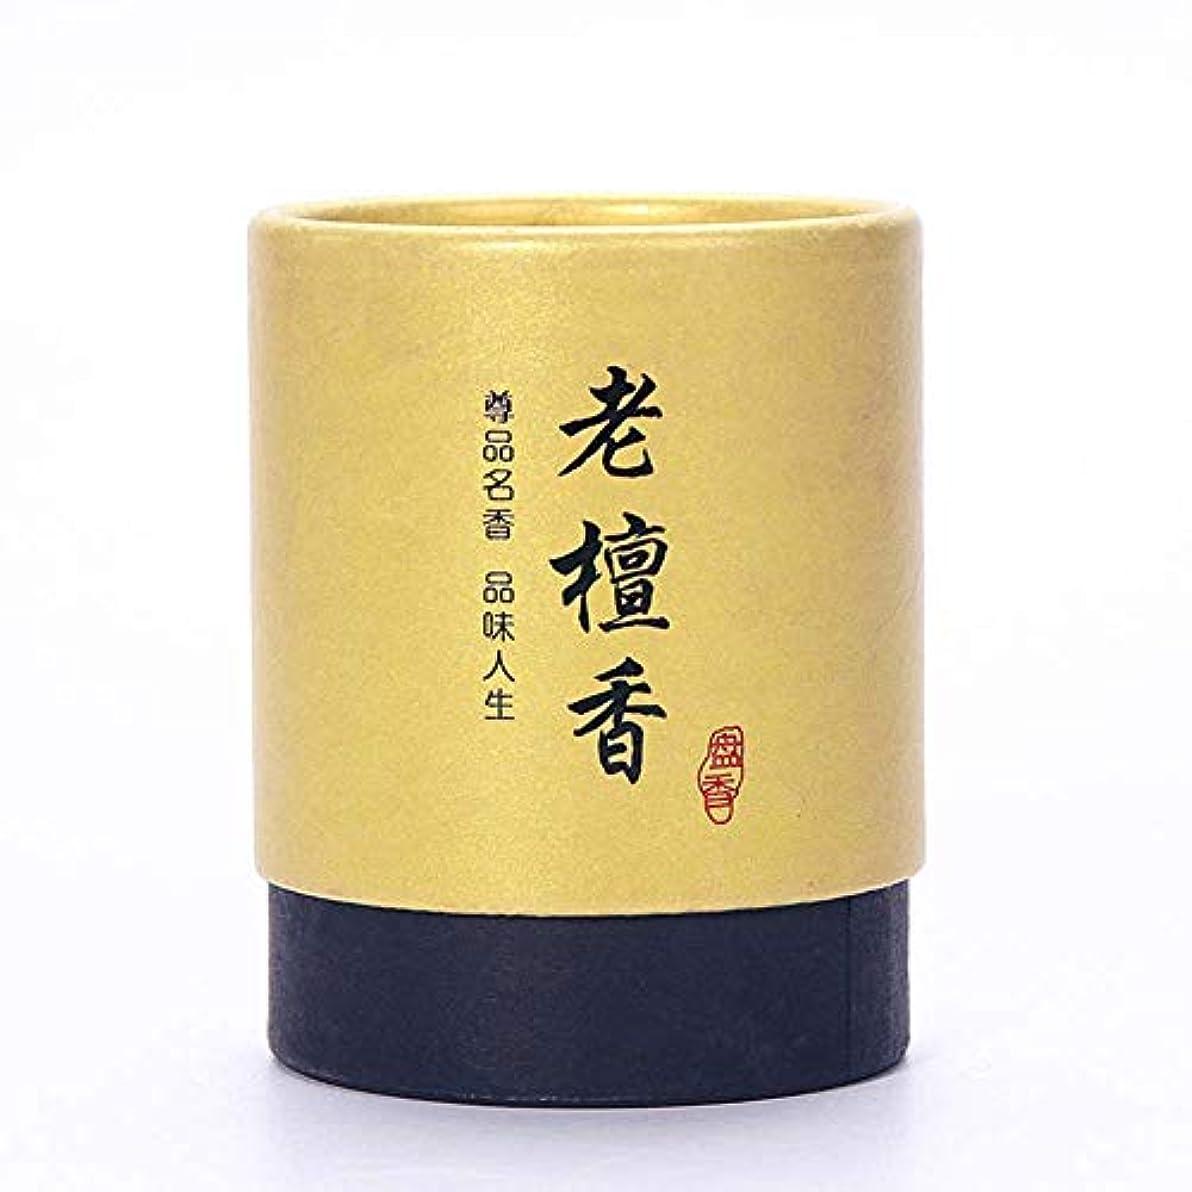 嘆くグッゲンハイム美術館タップHwaGui お香 ビャクダン 2時間 盤香 渦巻き線香 優しい香り 48巻入 (老い檀香)